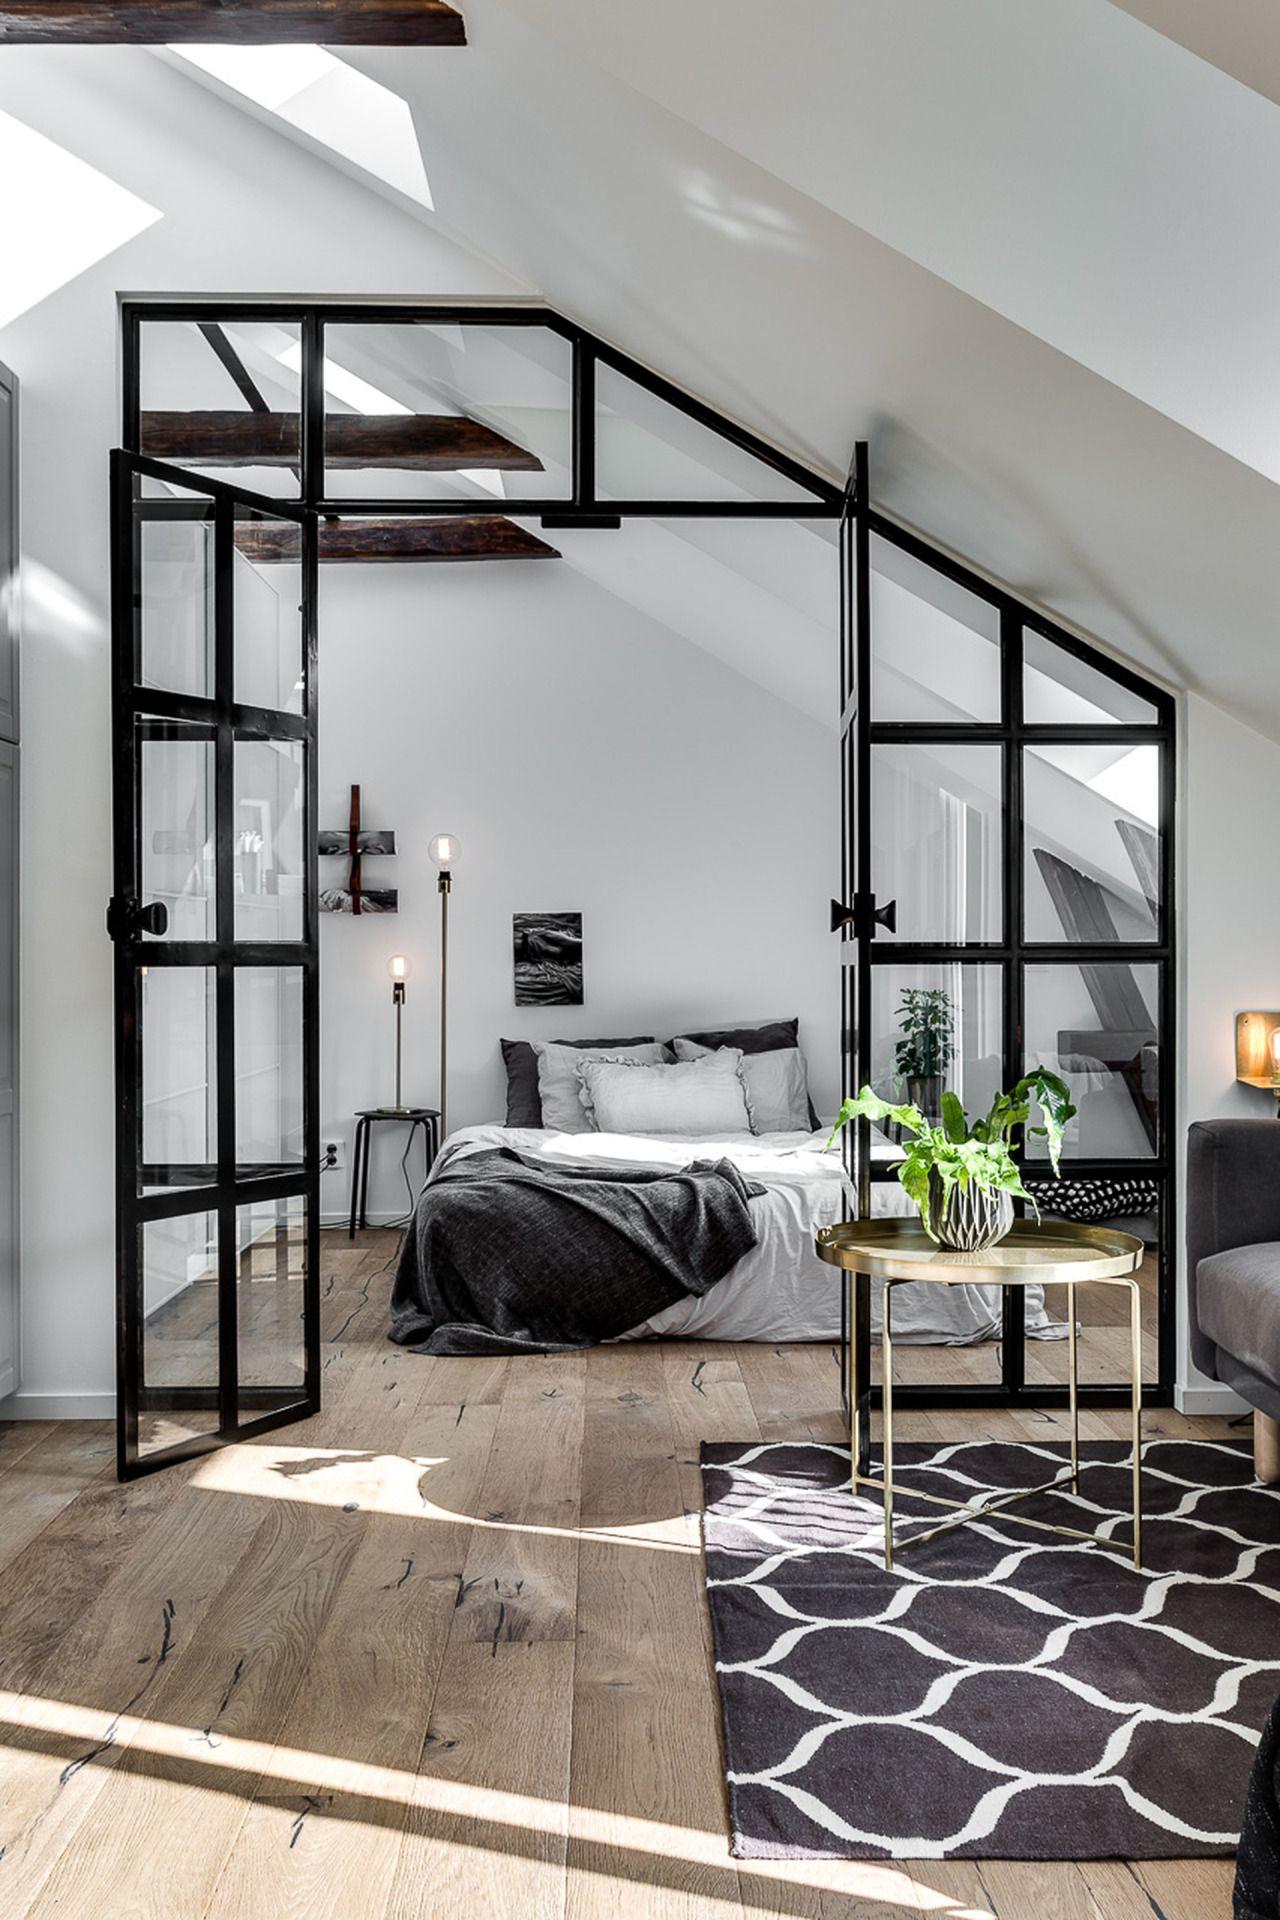 Kleines l küchendesign pin von christina zwinger auf interior design  pinterest  hogar